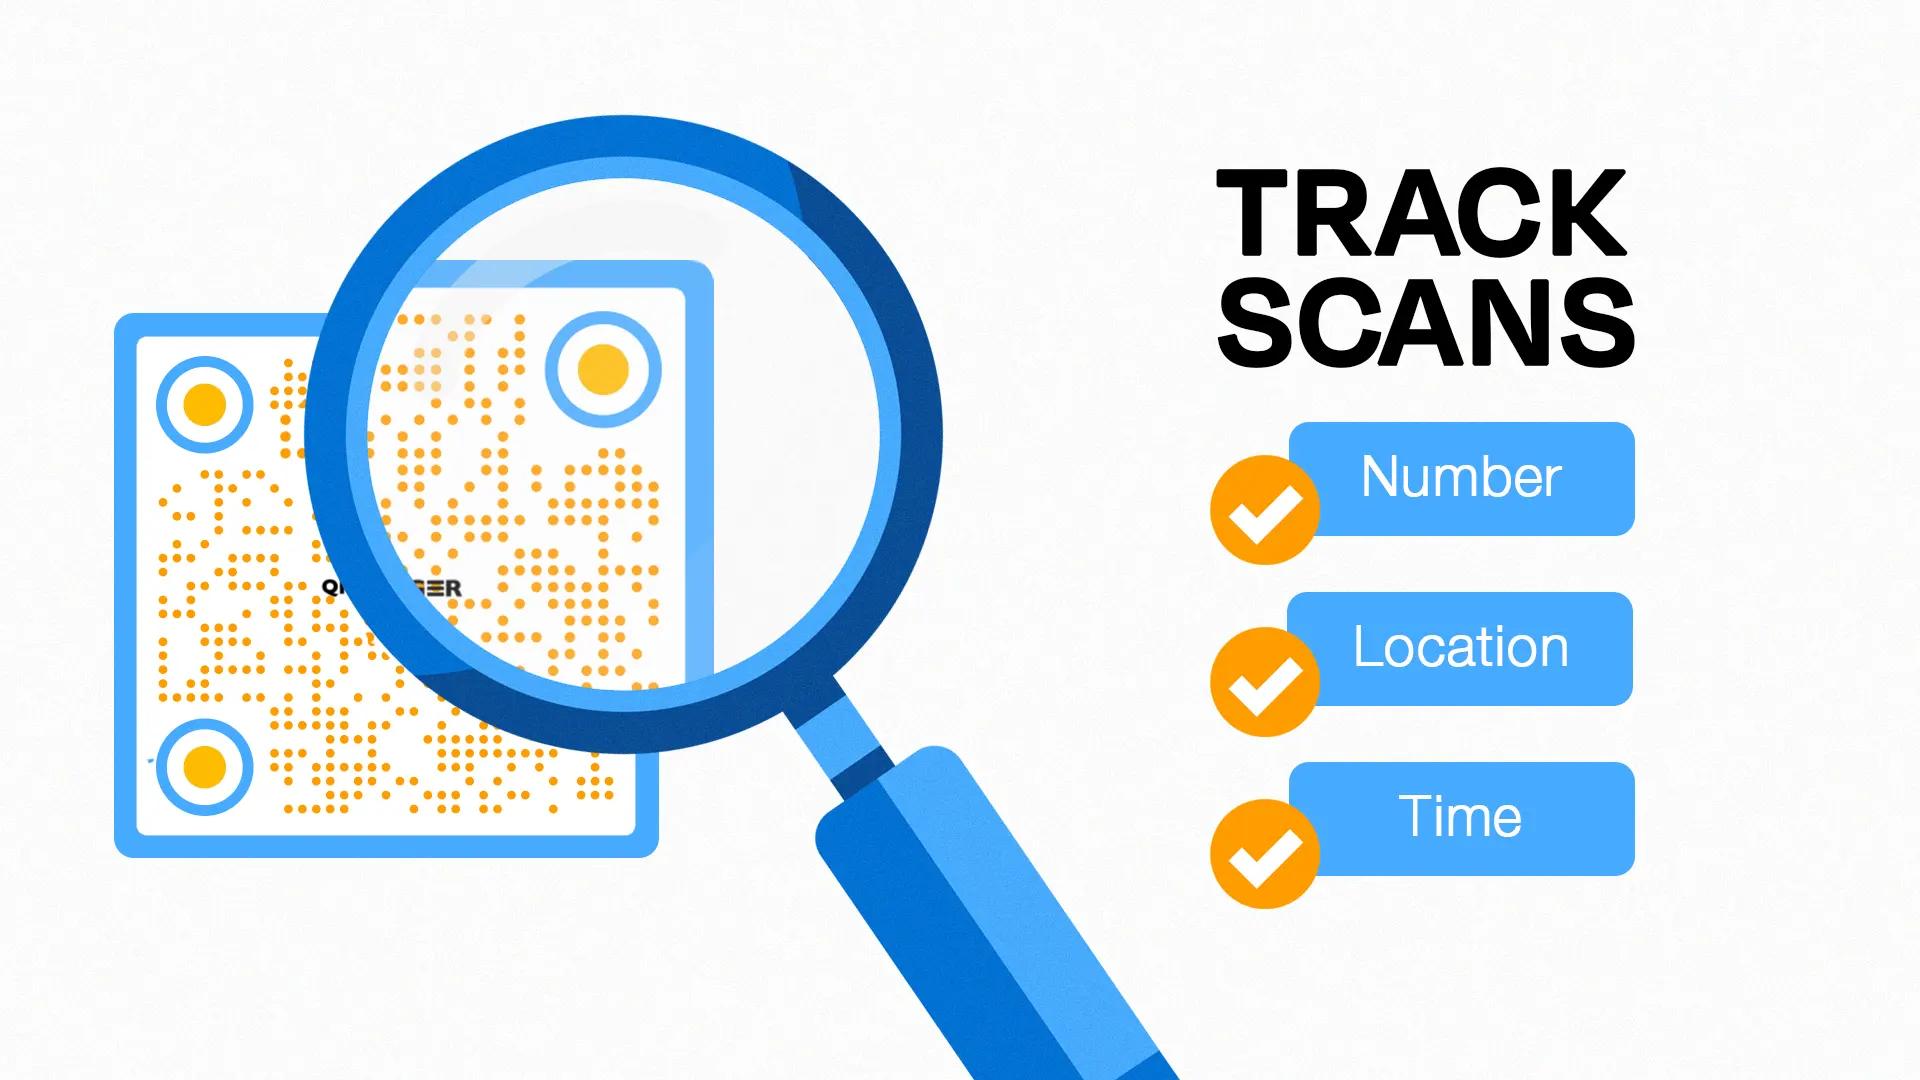 custom qr code design for tracking